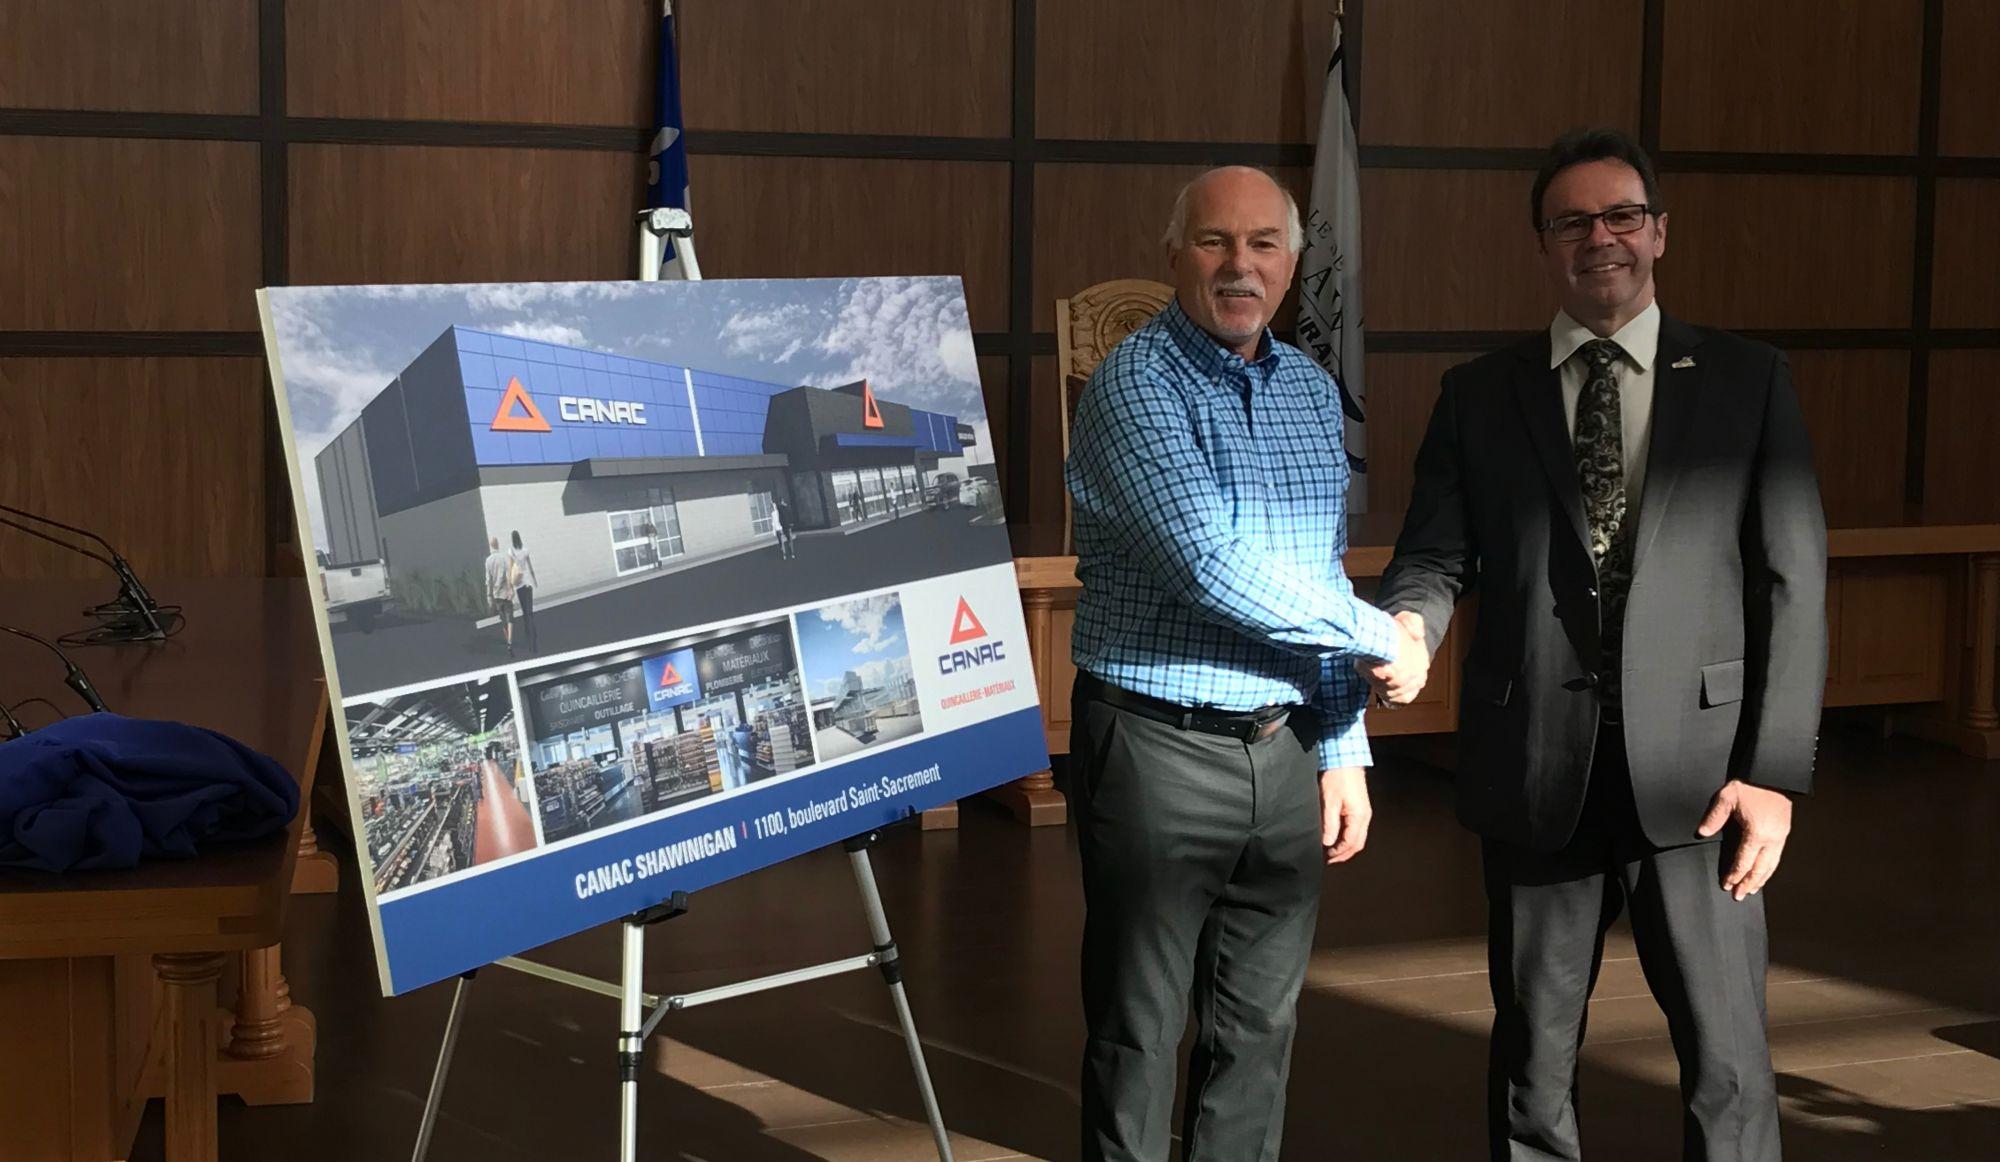 Canac: Shawinigan a d'autres projets pour l'ancienne aluminerie